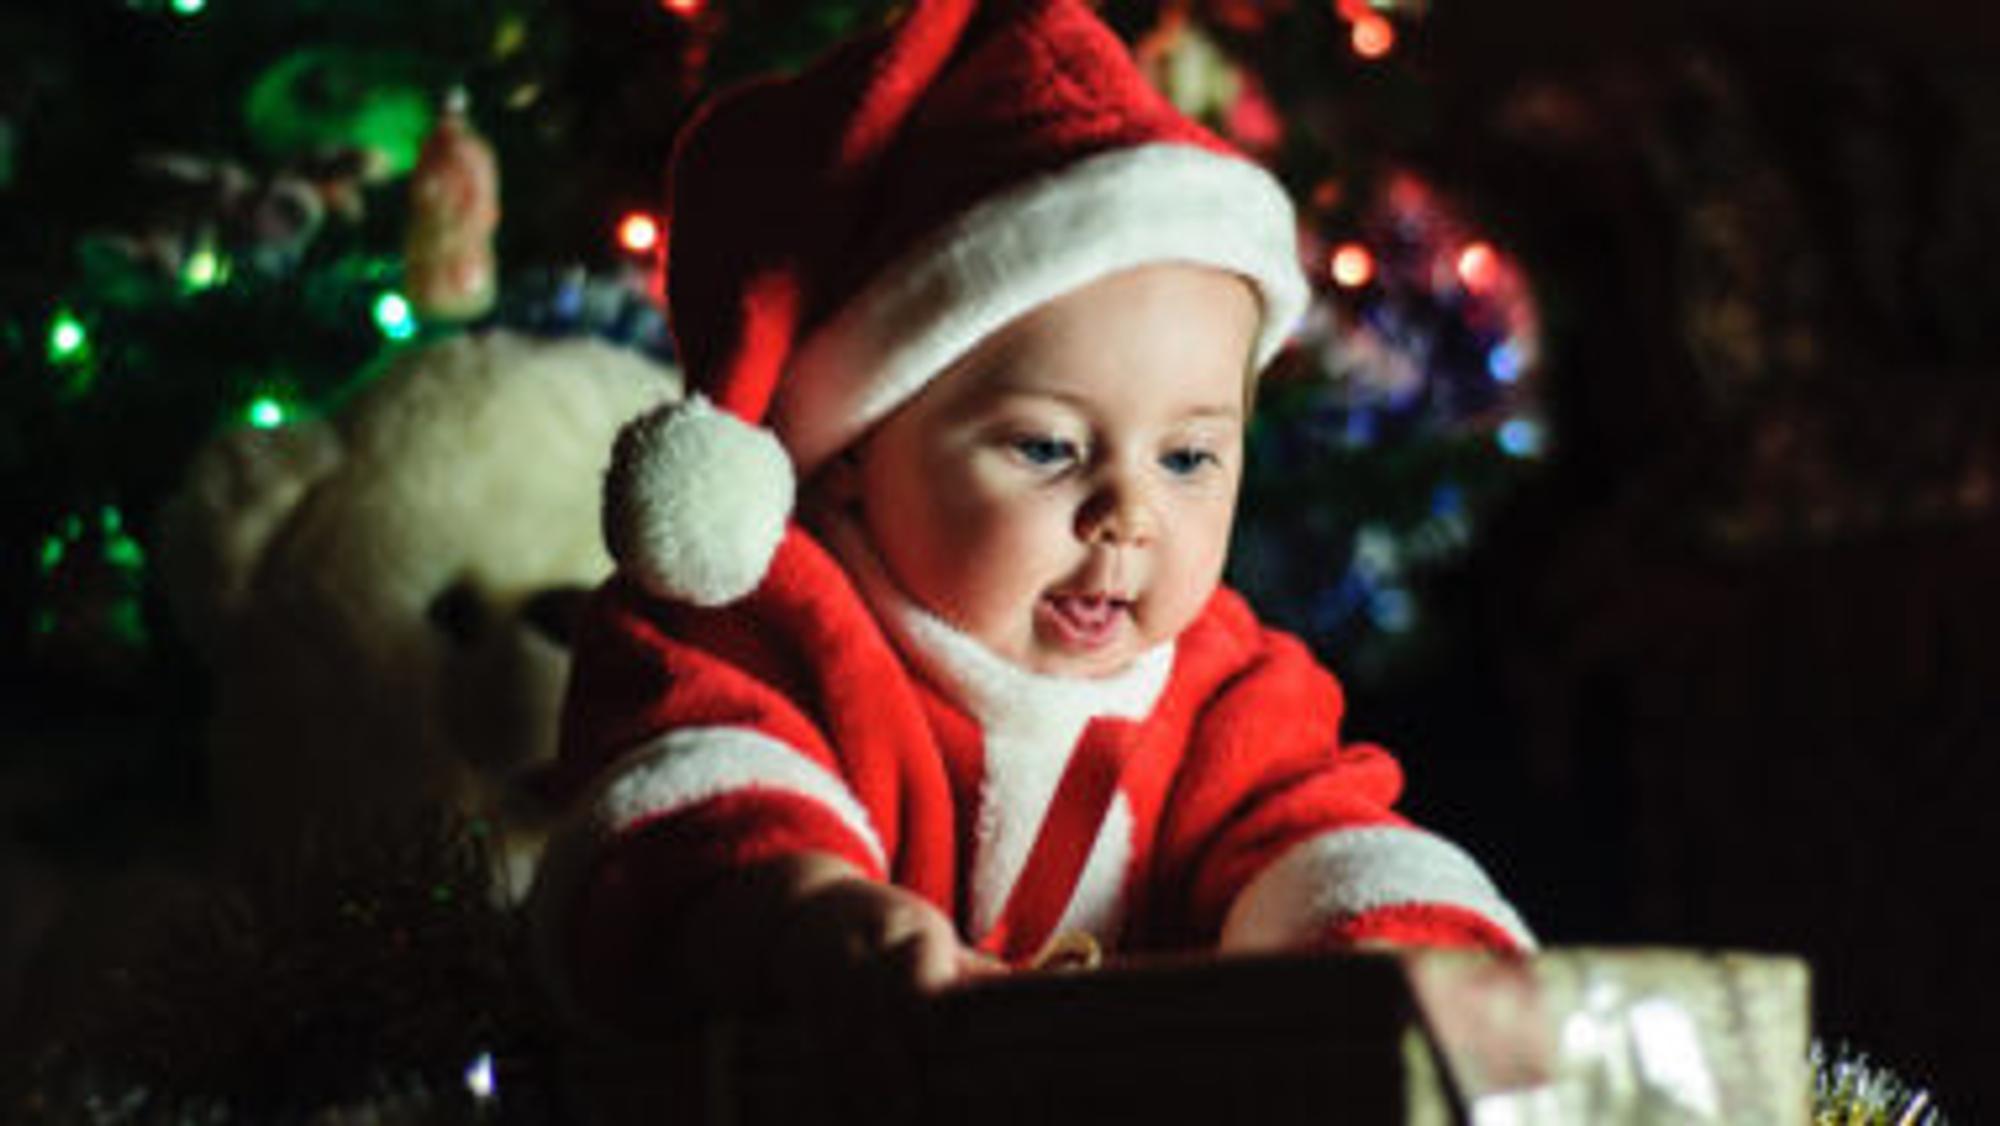 Baby öffnet ein Weihnachtsgeschenk